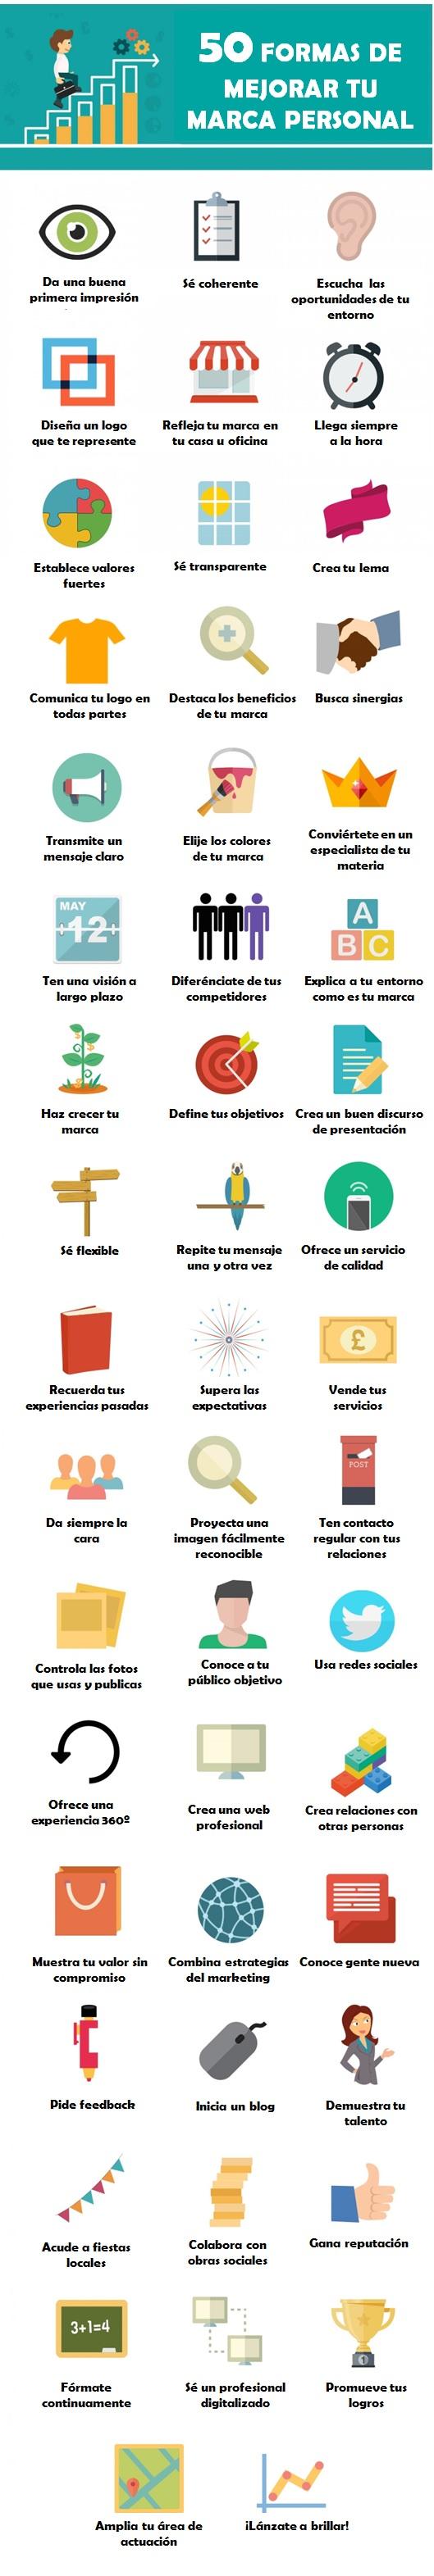 50 formas de mejorar tu Marca Personal